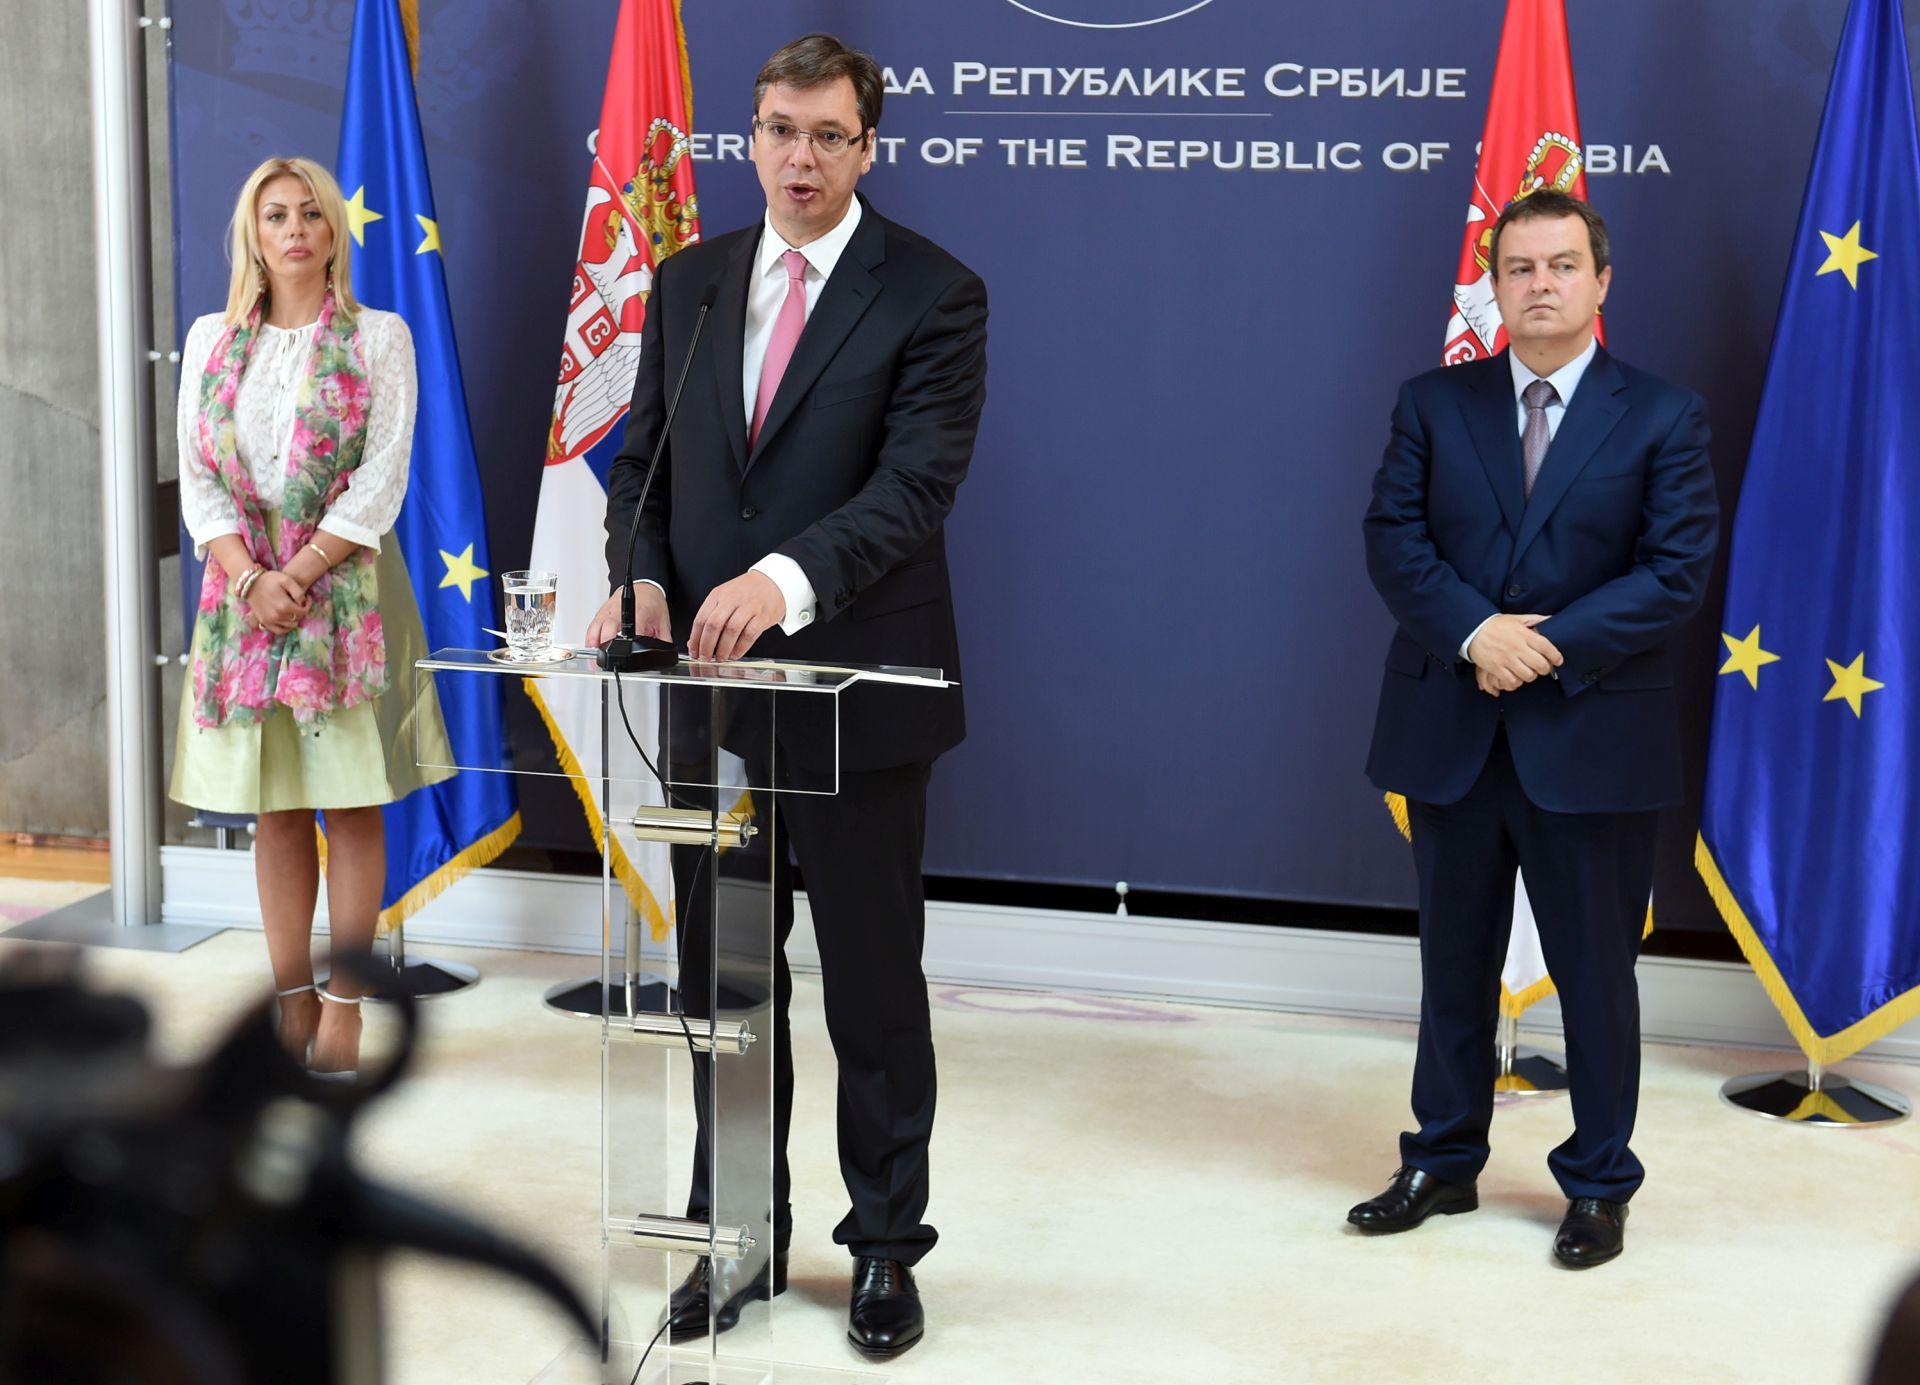 REAKCIJA NA UVREDE Vučić: 'Prešutio sam najgore uvrede jer ne želim vrijeđati Hrvate'